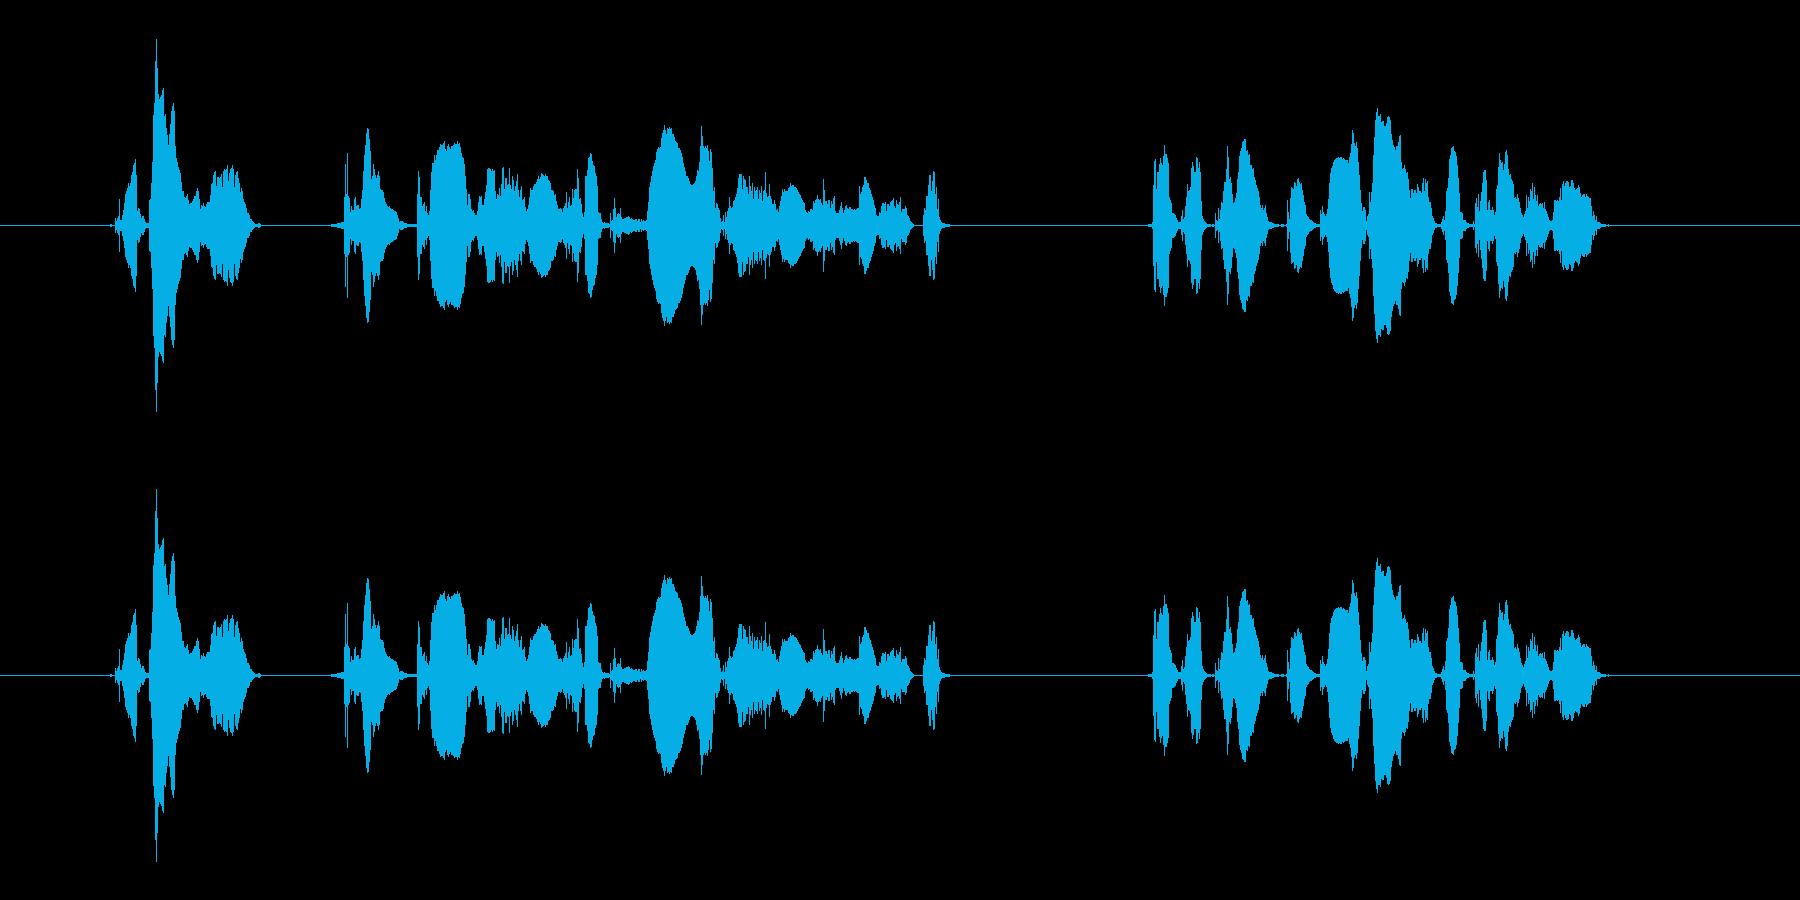 ただ今、緊急地震速報を受信しましたの再生済みの波形